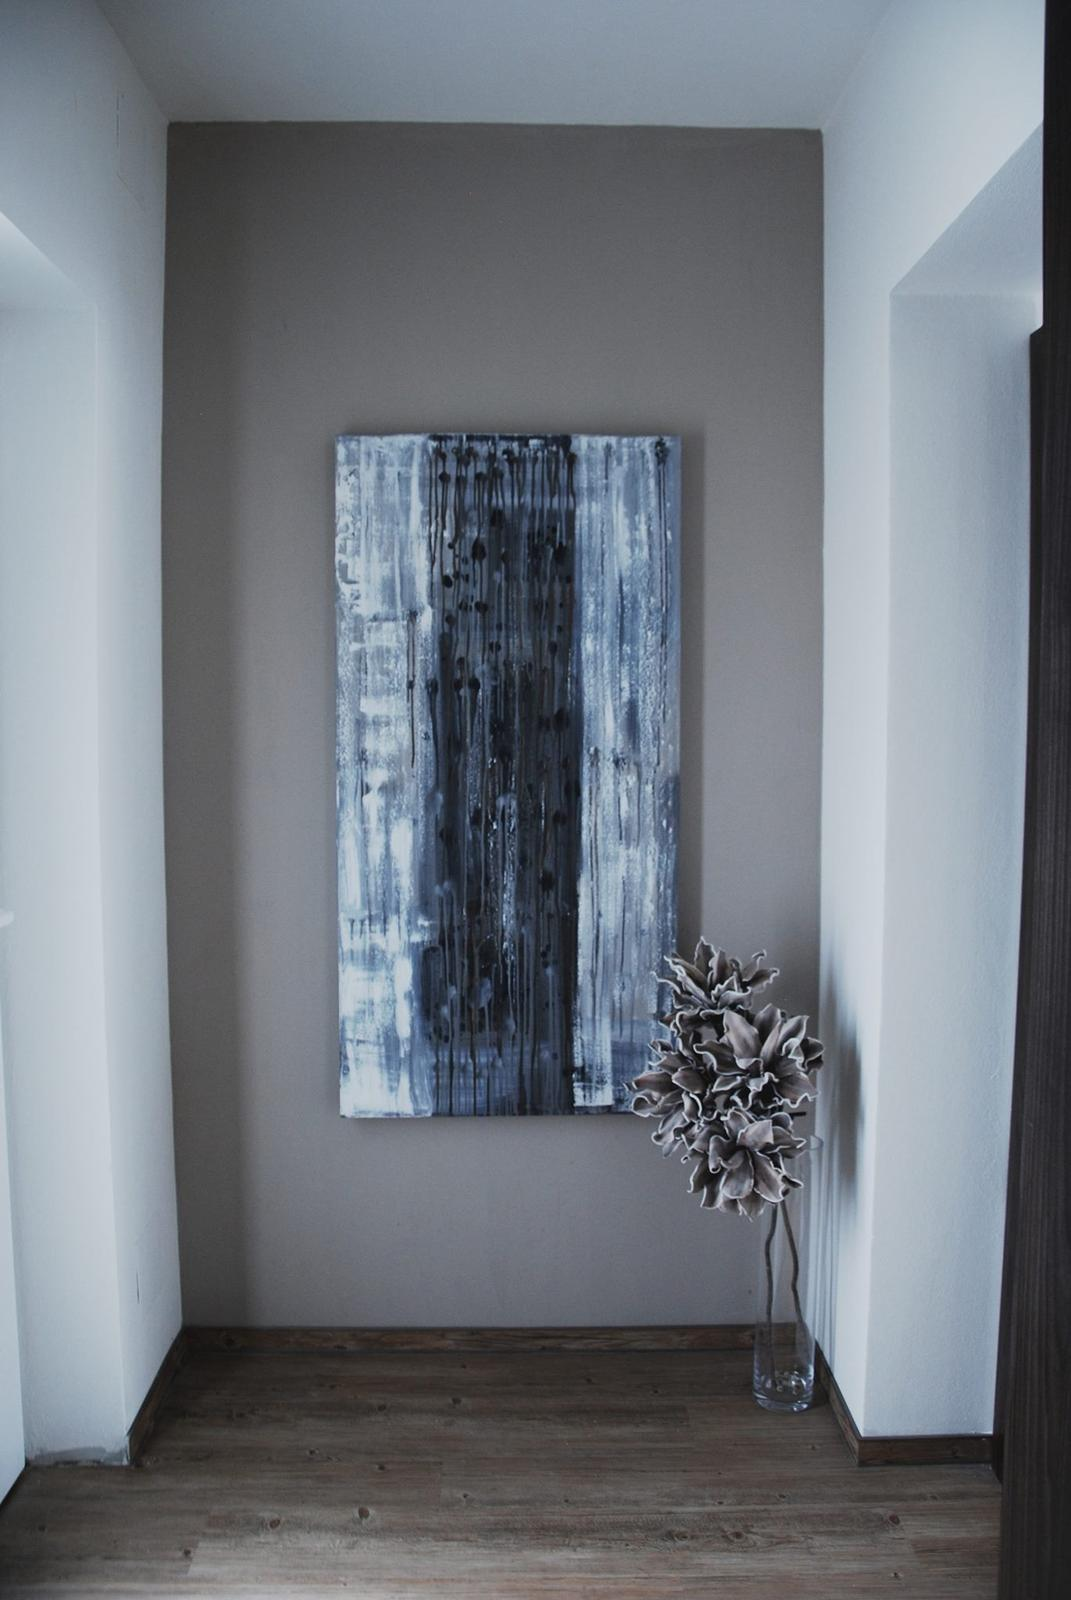 Mé obrazy v interiérech - Obrázek č. 7